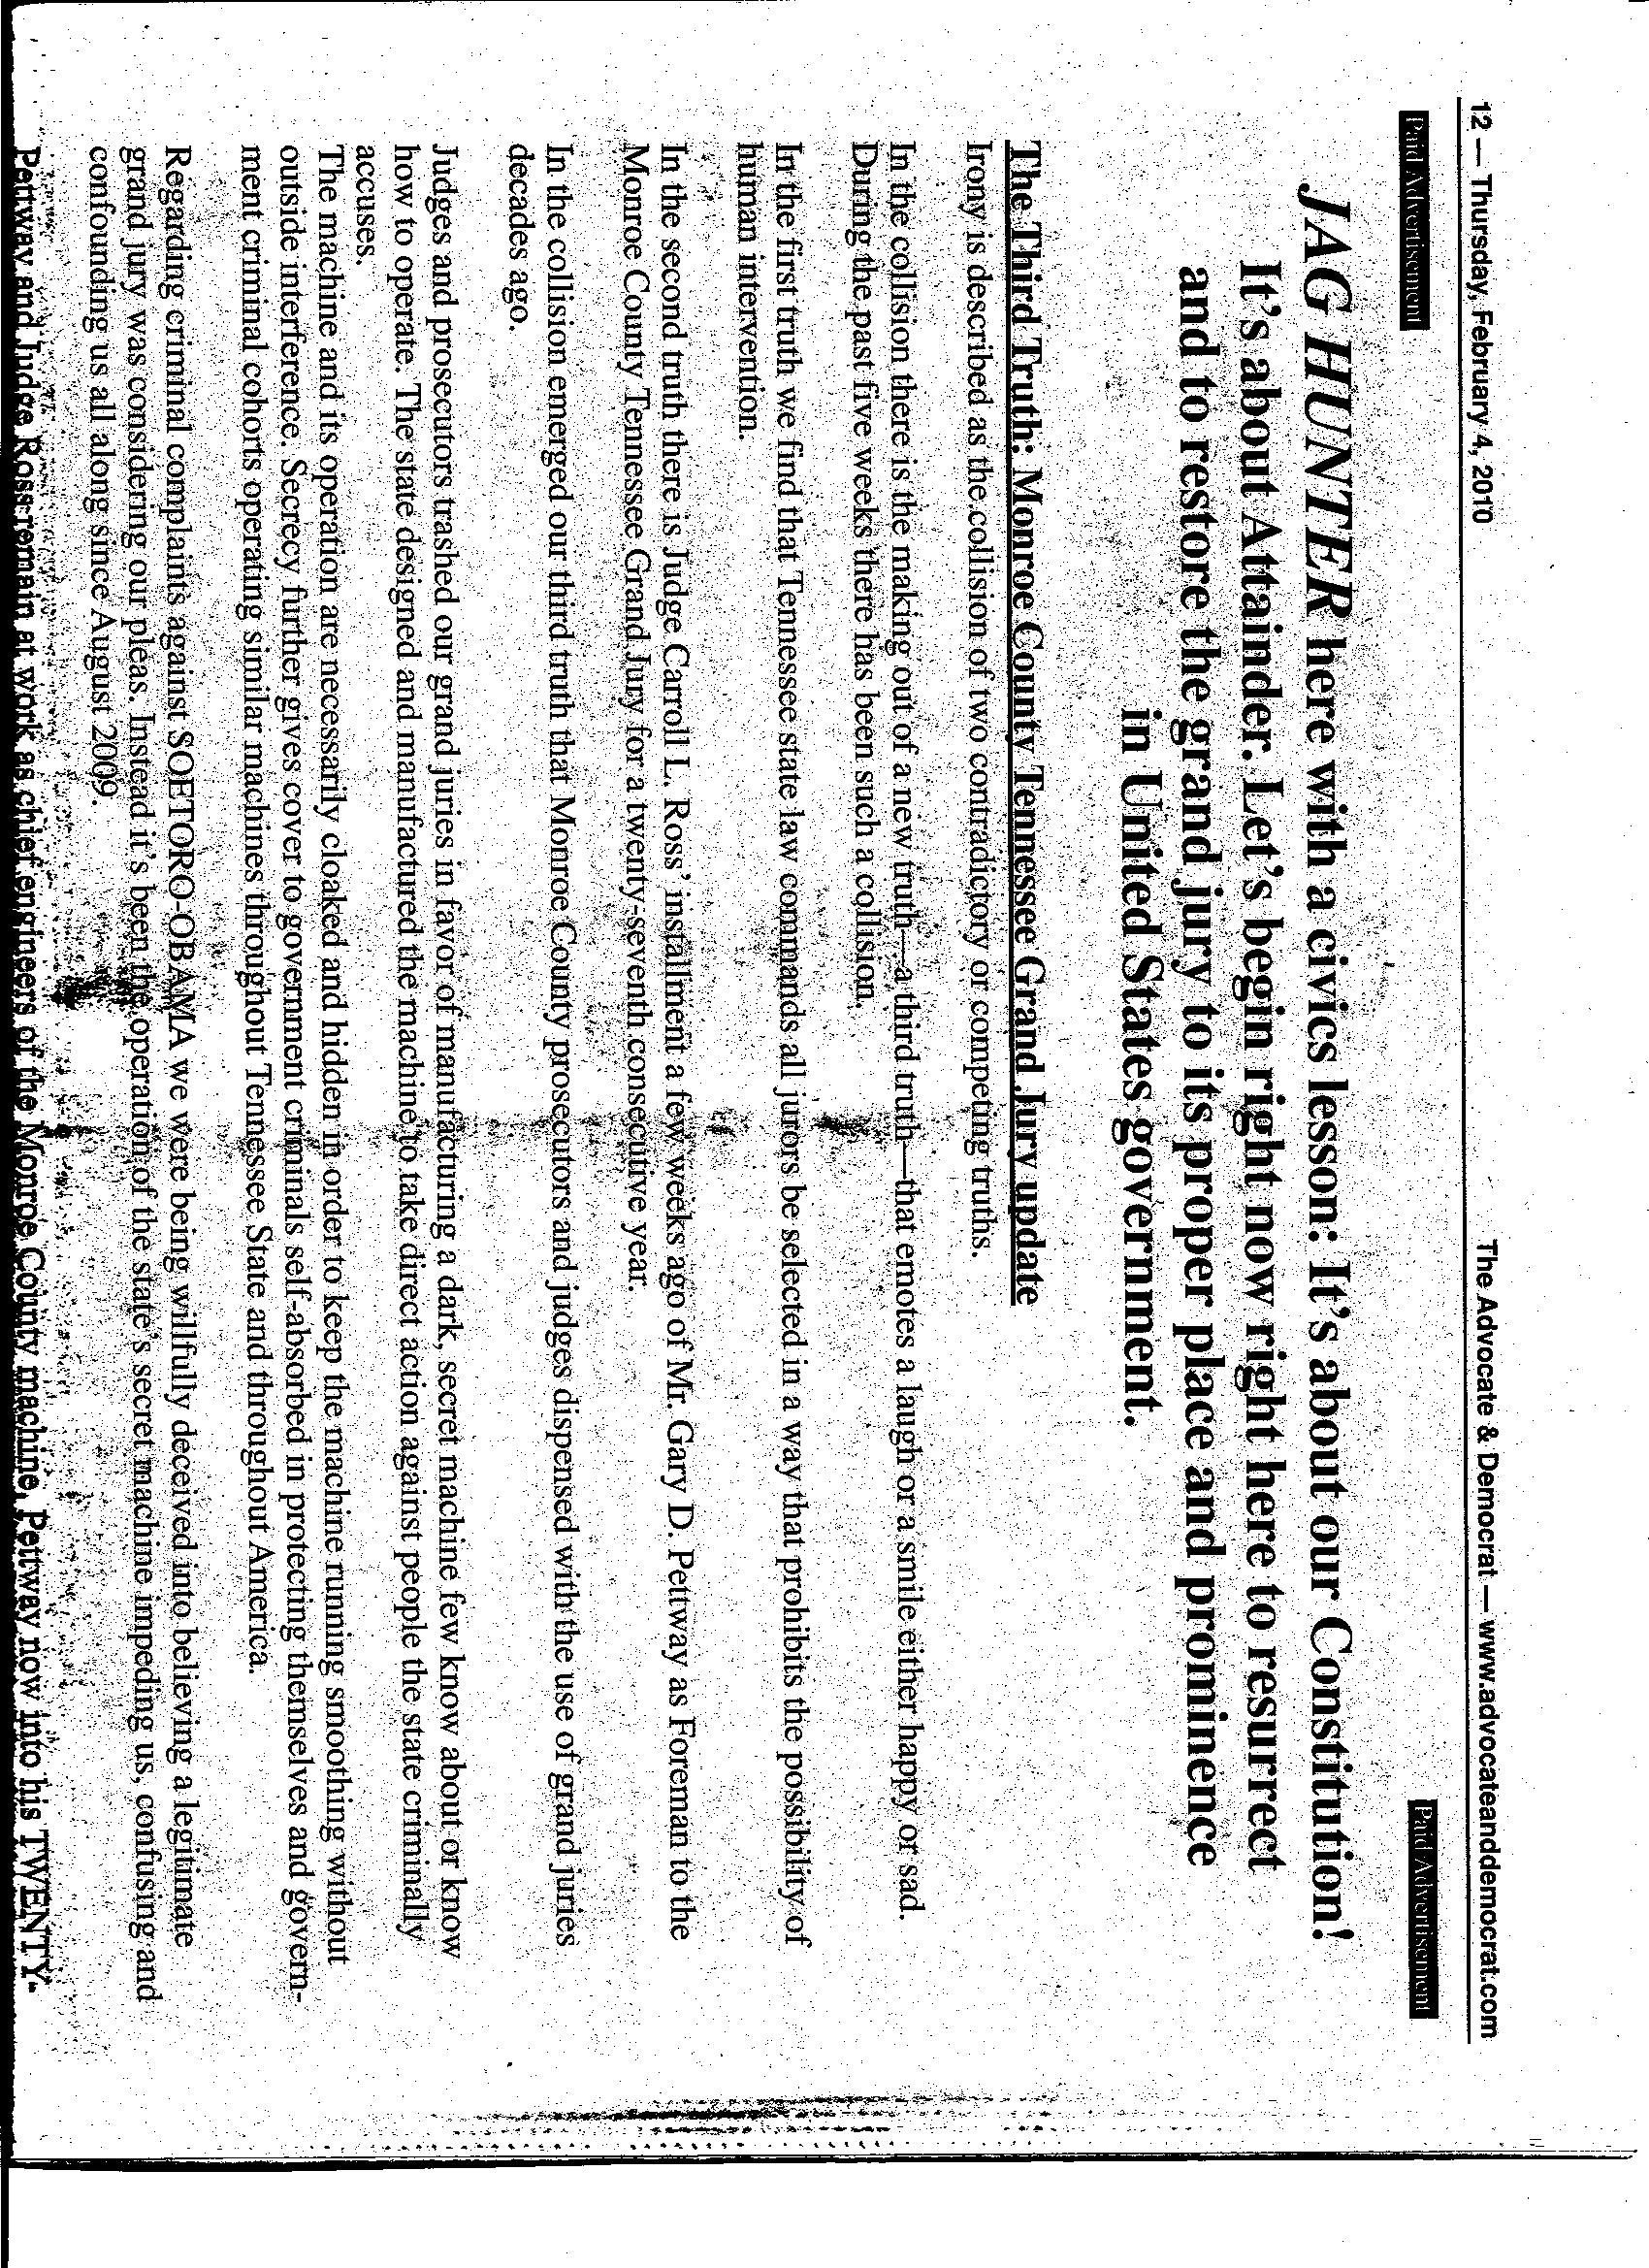 WFF Ad Feb 4 2010 001